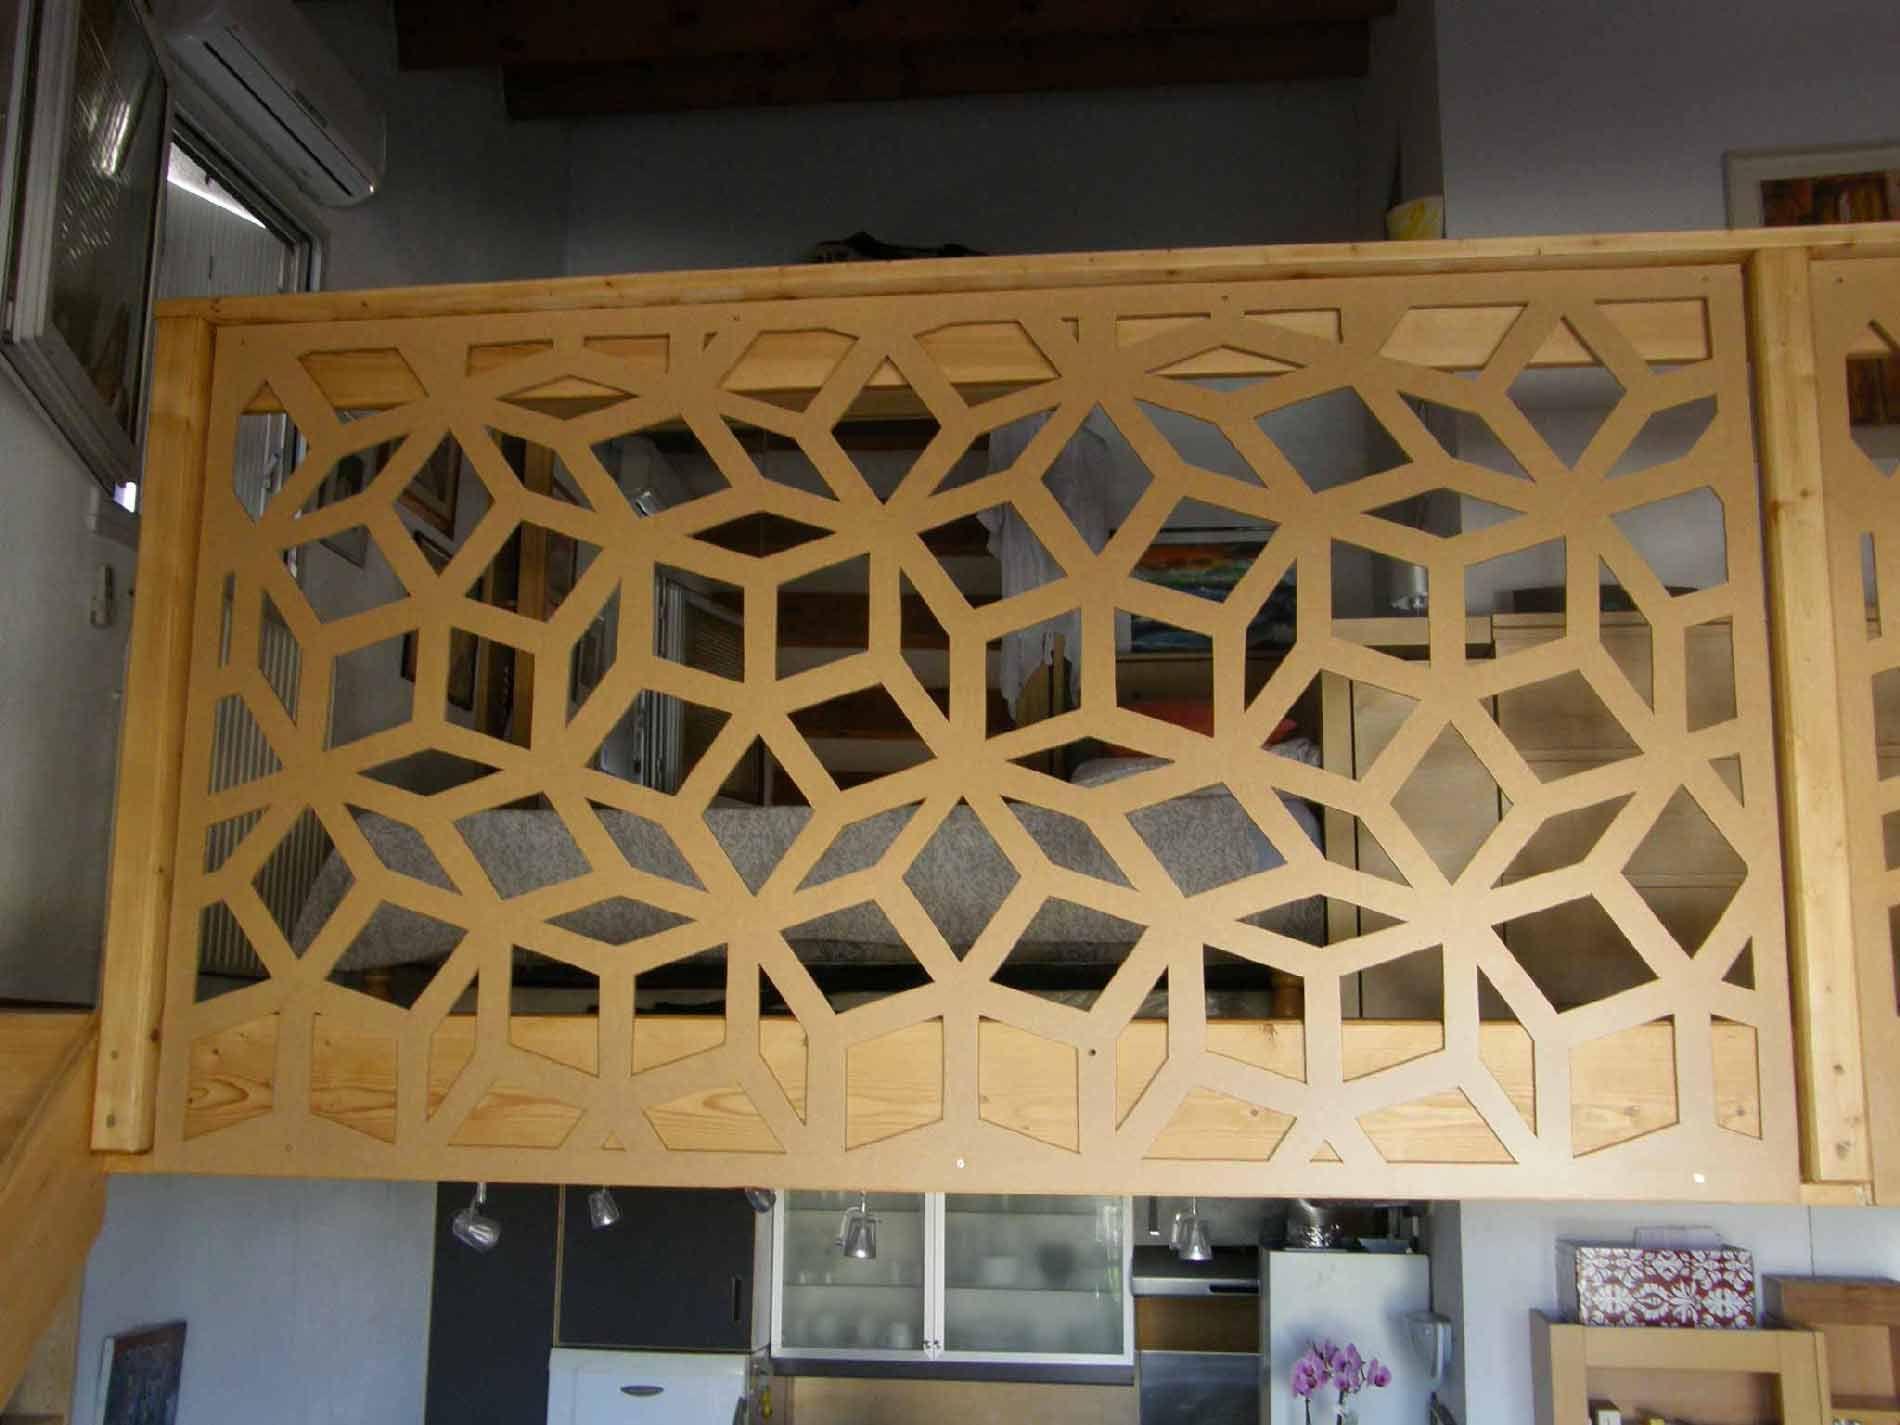 claustra int rieur ajour mariposa pinterest claustra int rieur et claustra bois. Black Bedroom Furniture Sets. Home Design Ideas